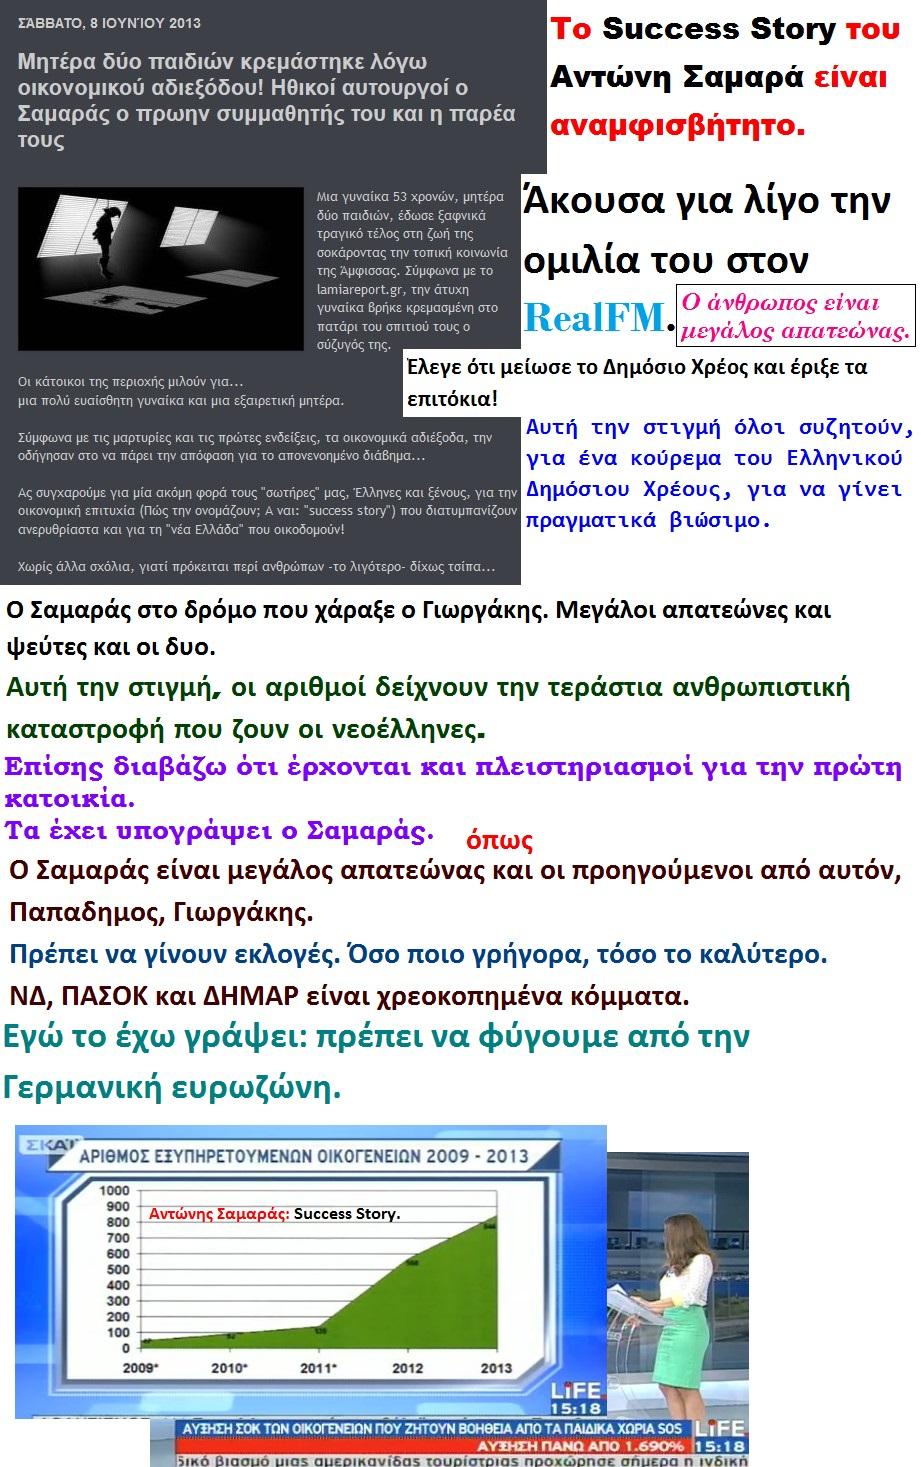 ELLADA AYTOKTONIA MHTERAS 01 01 080613